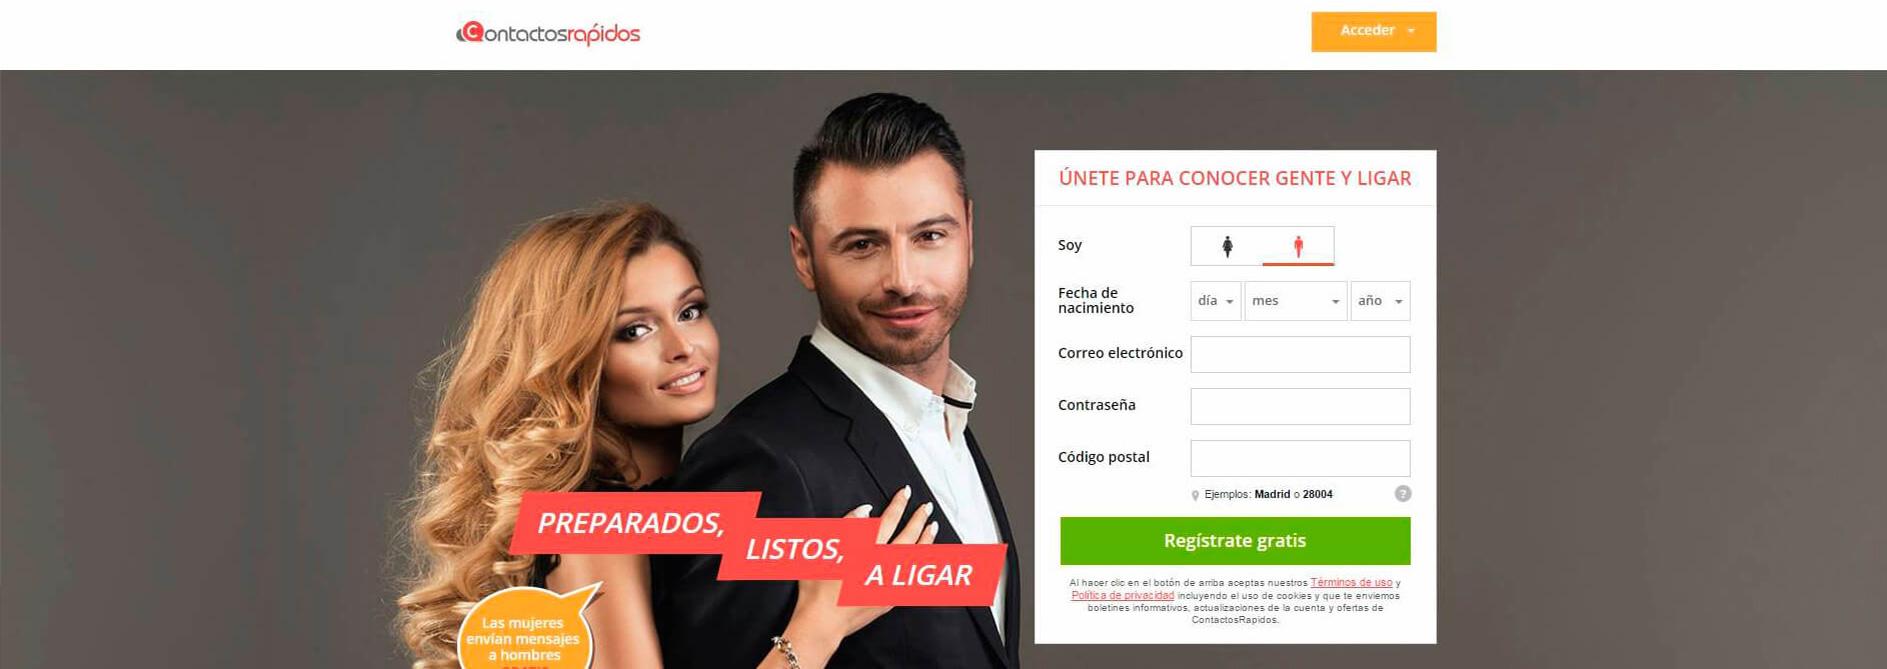 Pagina para conocer gente de otros paises garota latina Aparecida de Goiânia-26181